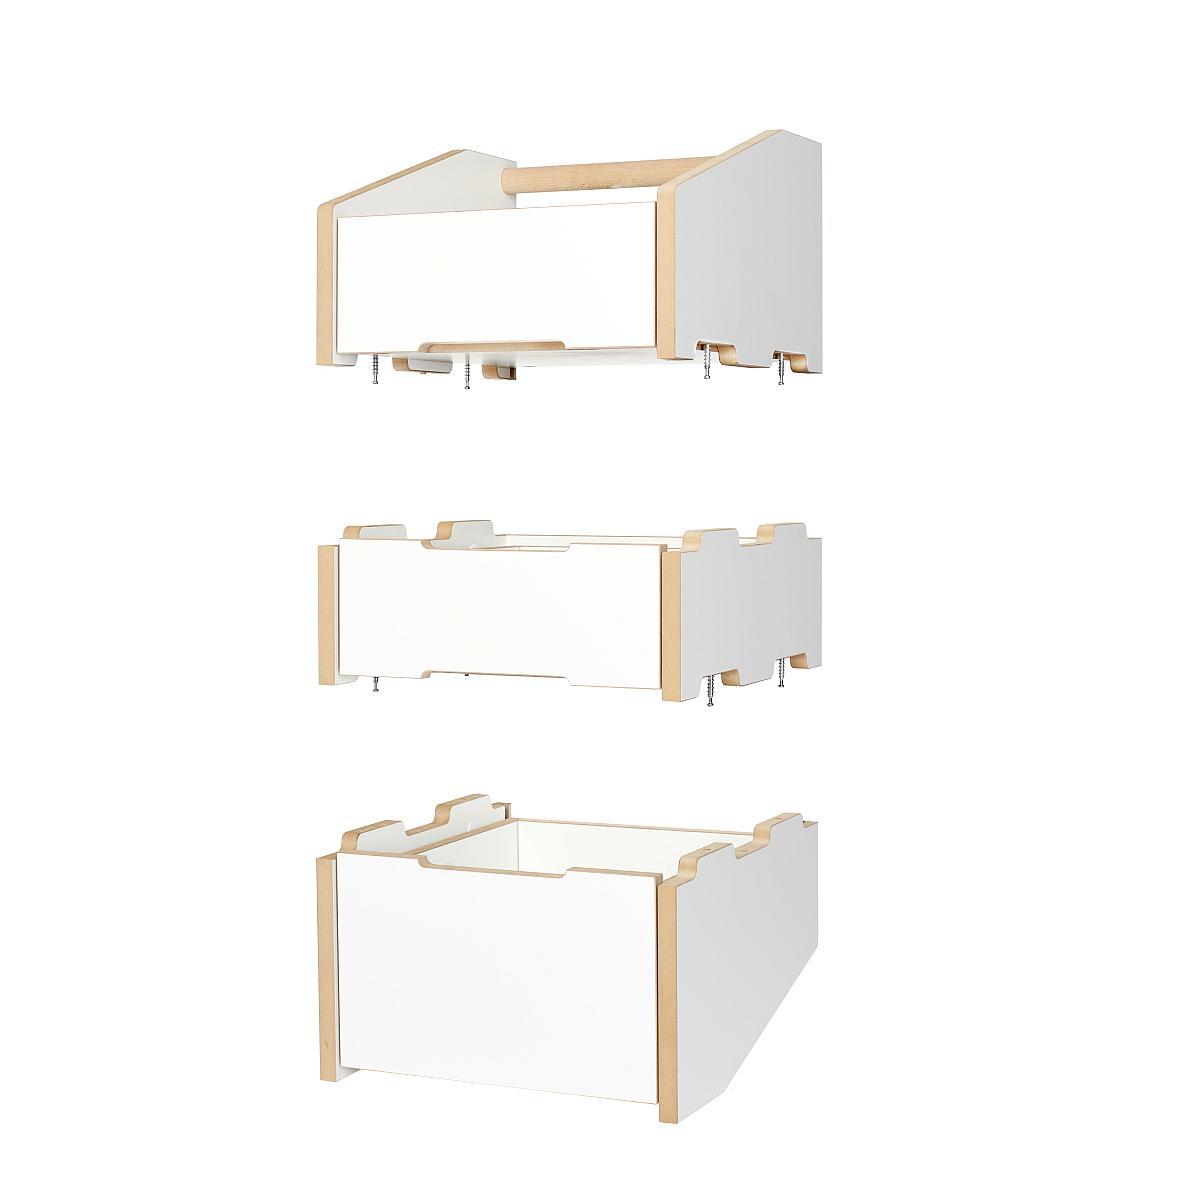 Tojo CARGO Container die 3 Module: Unterteilt, Mittelteil und Oberteil (mit Griff)